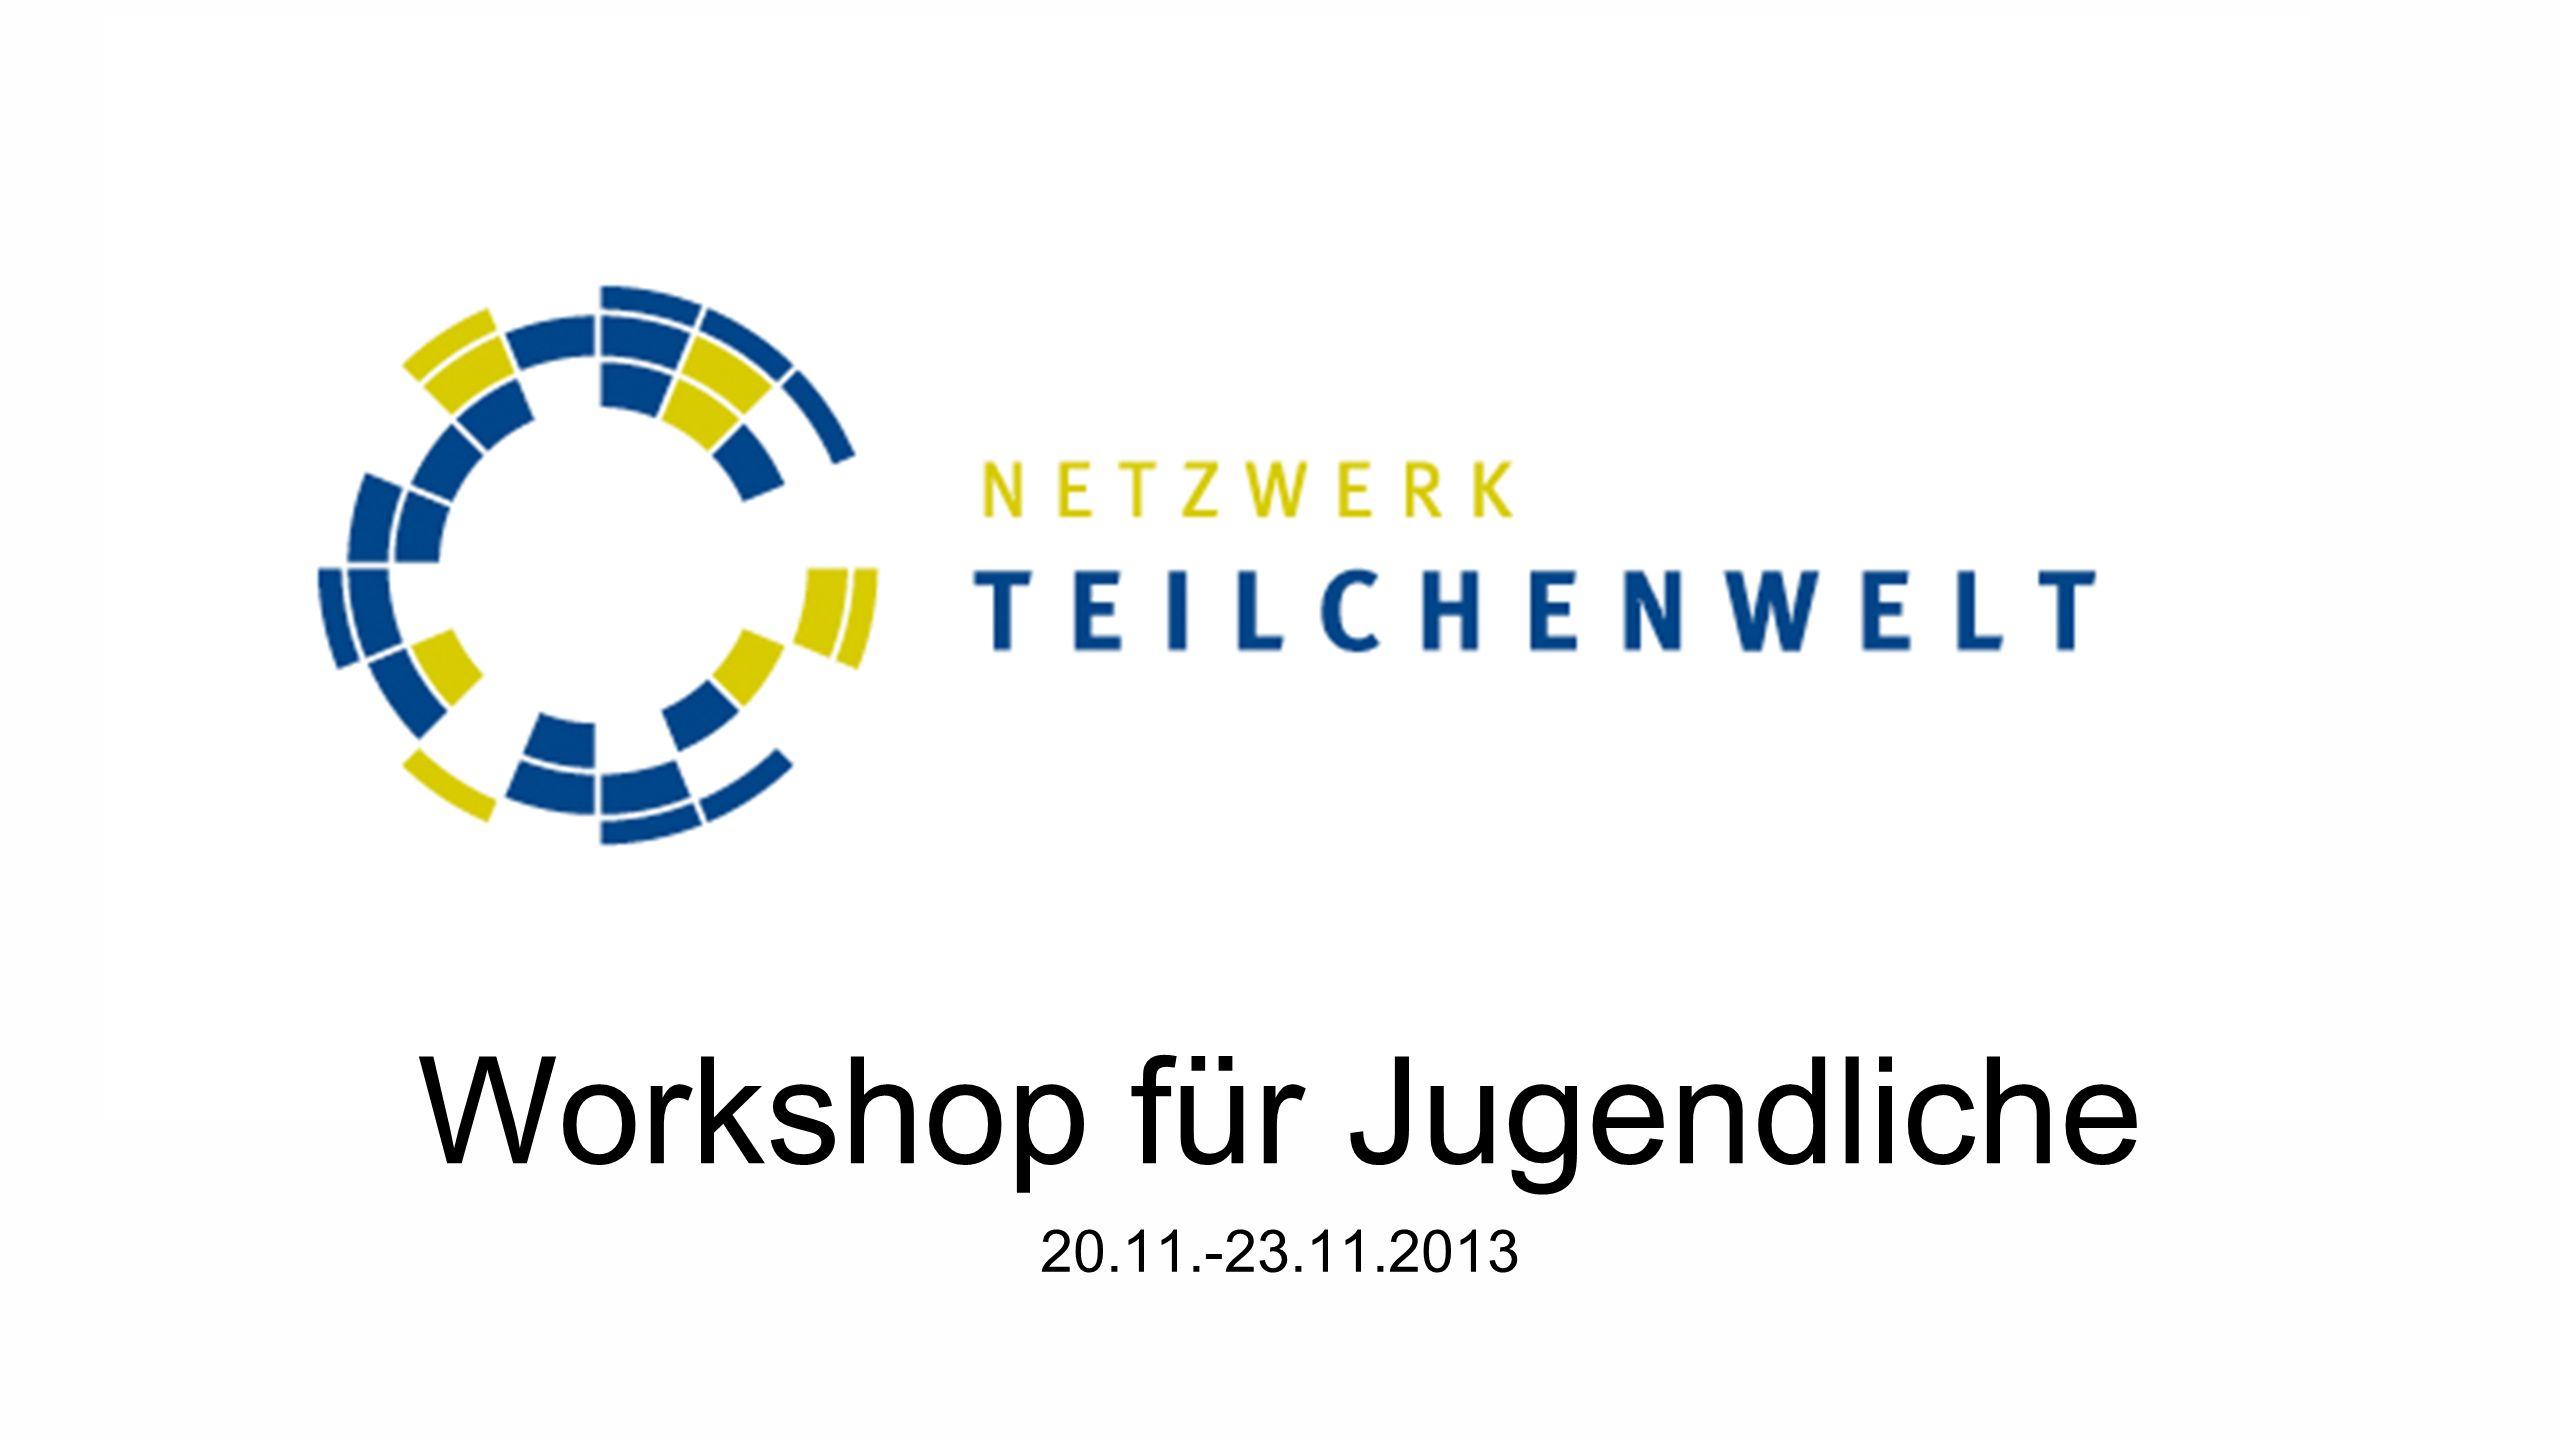 Workshop für Jugendliche 20.11.-23.11.2013